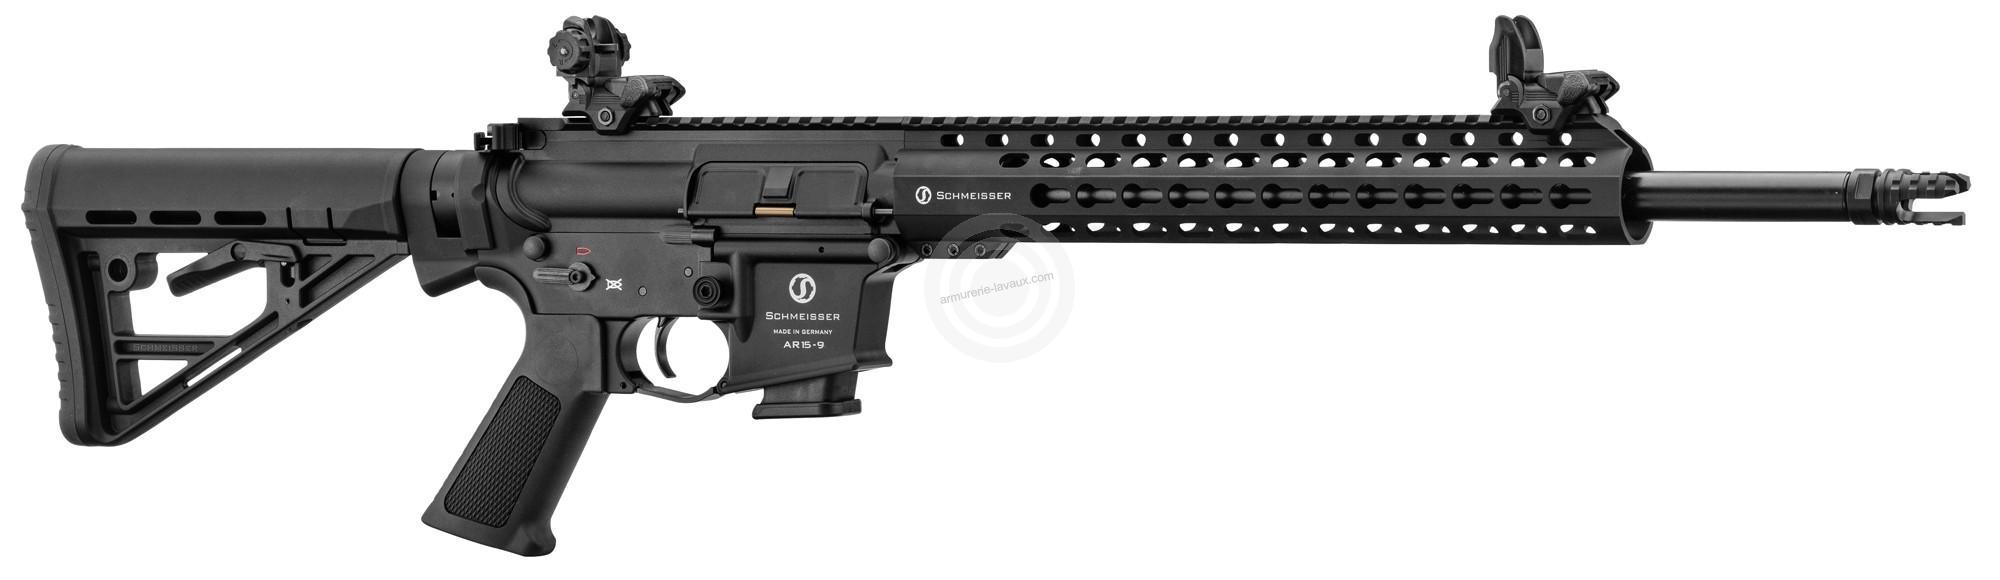 SCHMEISSER AR9 M5F 16.75